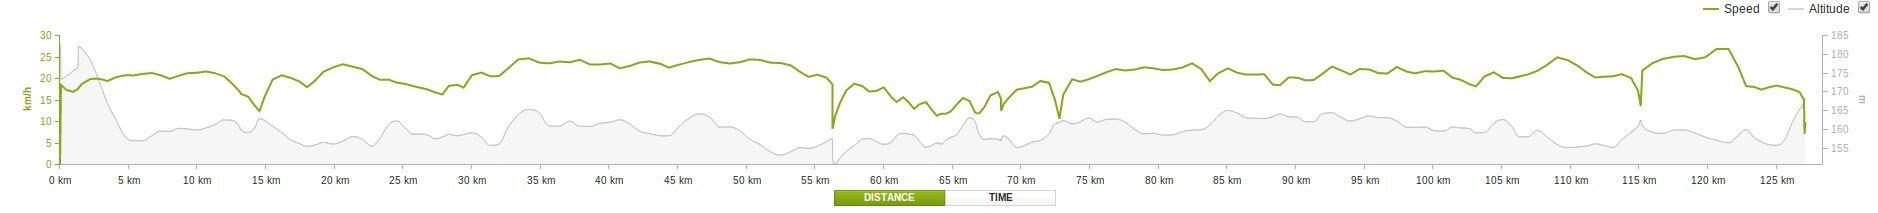 Za detaljniji prikaz prosjeka brzine i nadmorske visine, kliknite na sliku.